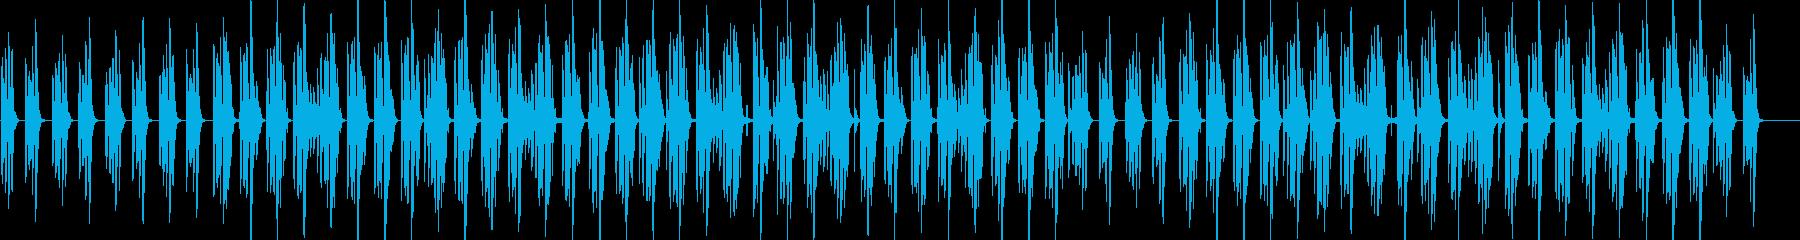 コロコロした音色がかわいい日常系BGMの再生済みの波形